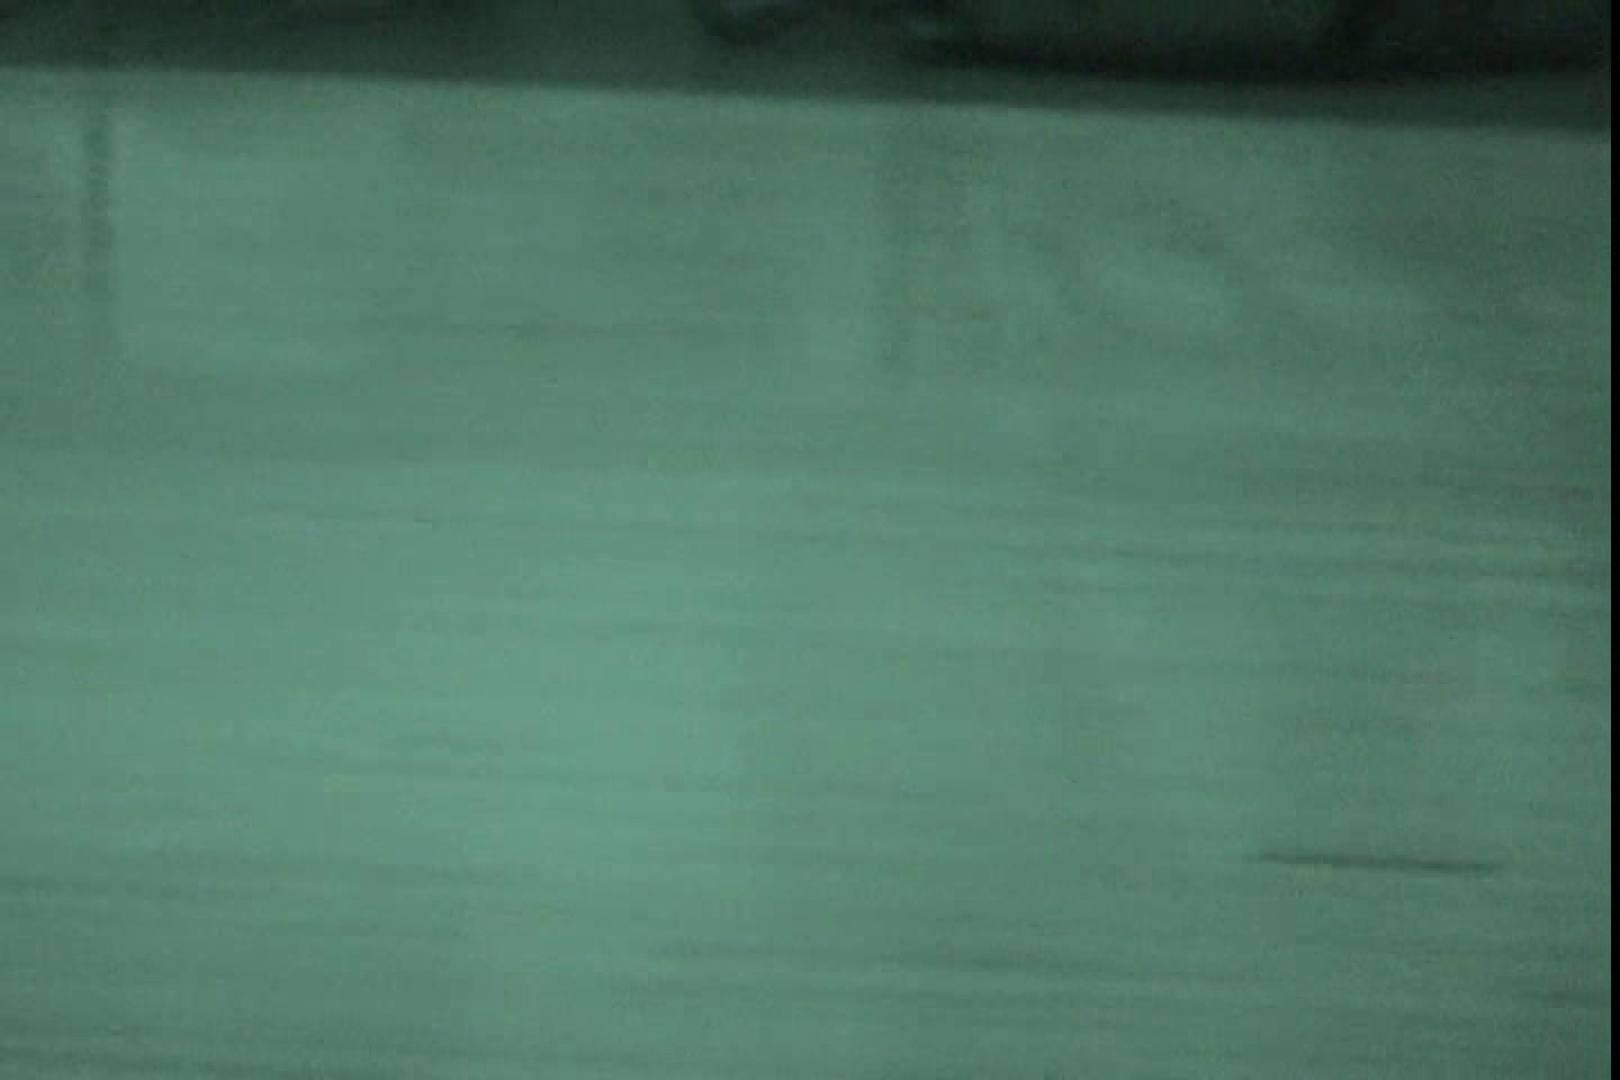 赤外線ムレスケバレー(汗) vol.04 OLエロ画像   アスリート  82PICs 28